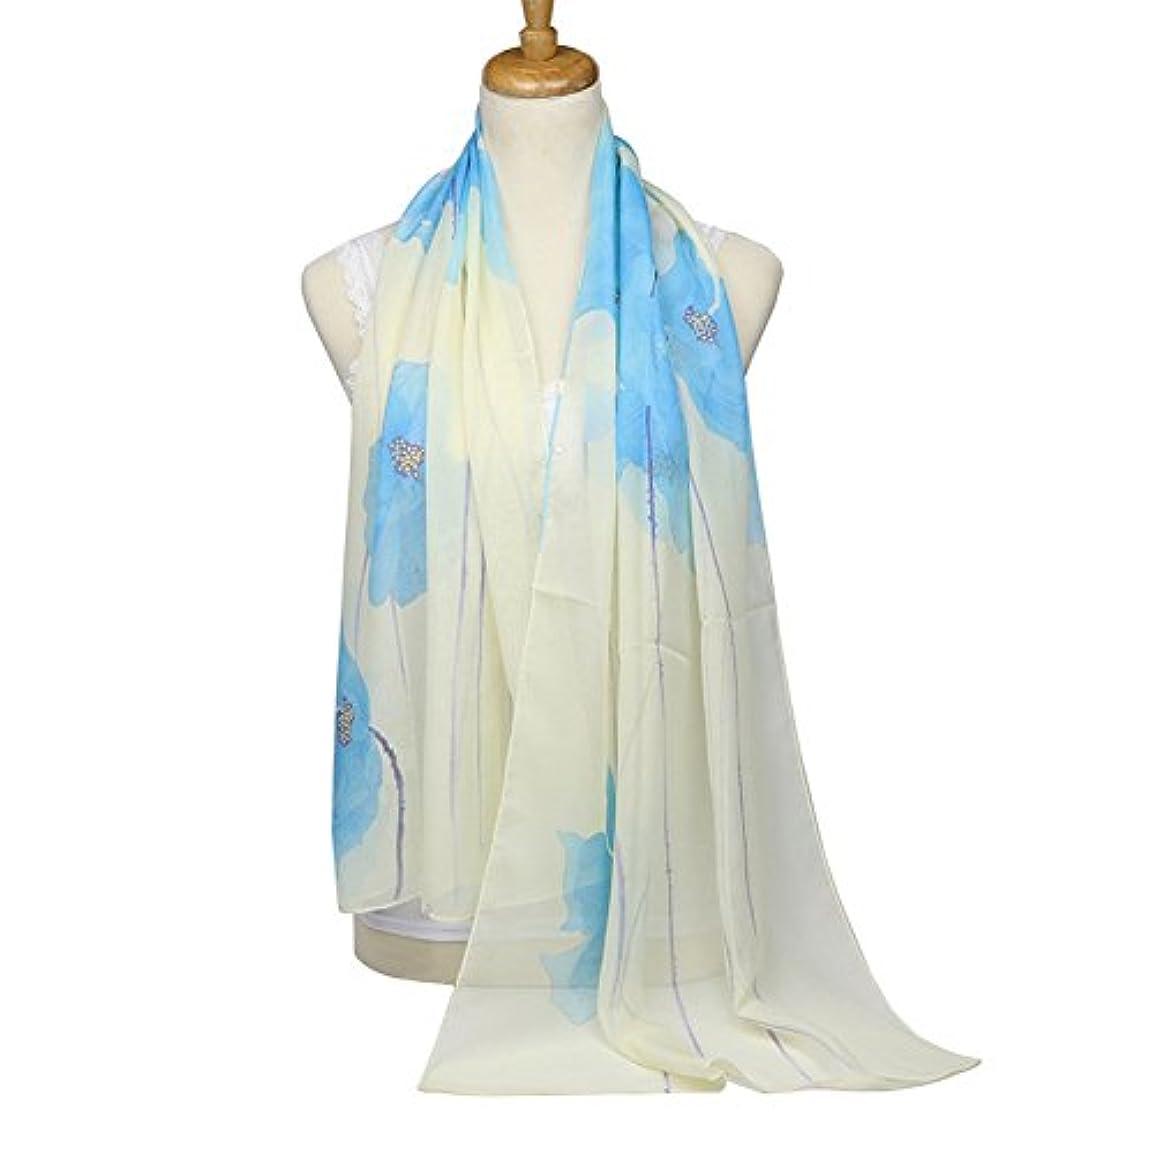 おめでとうアニメーション肌寒い柔らかい レディース プリーツ シフォン スカーフ ショール エレガント 高品質 高級感 全4色 160x50CM